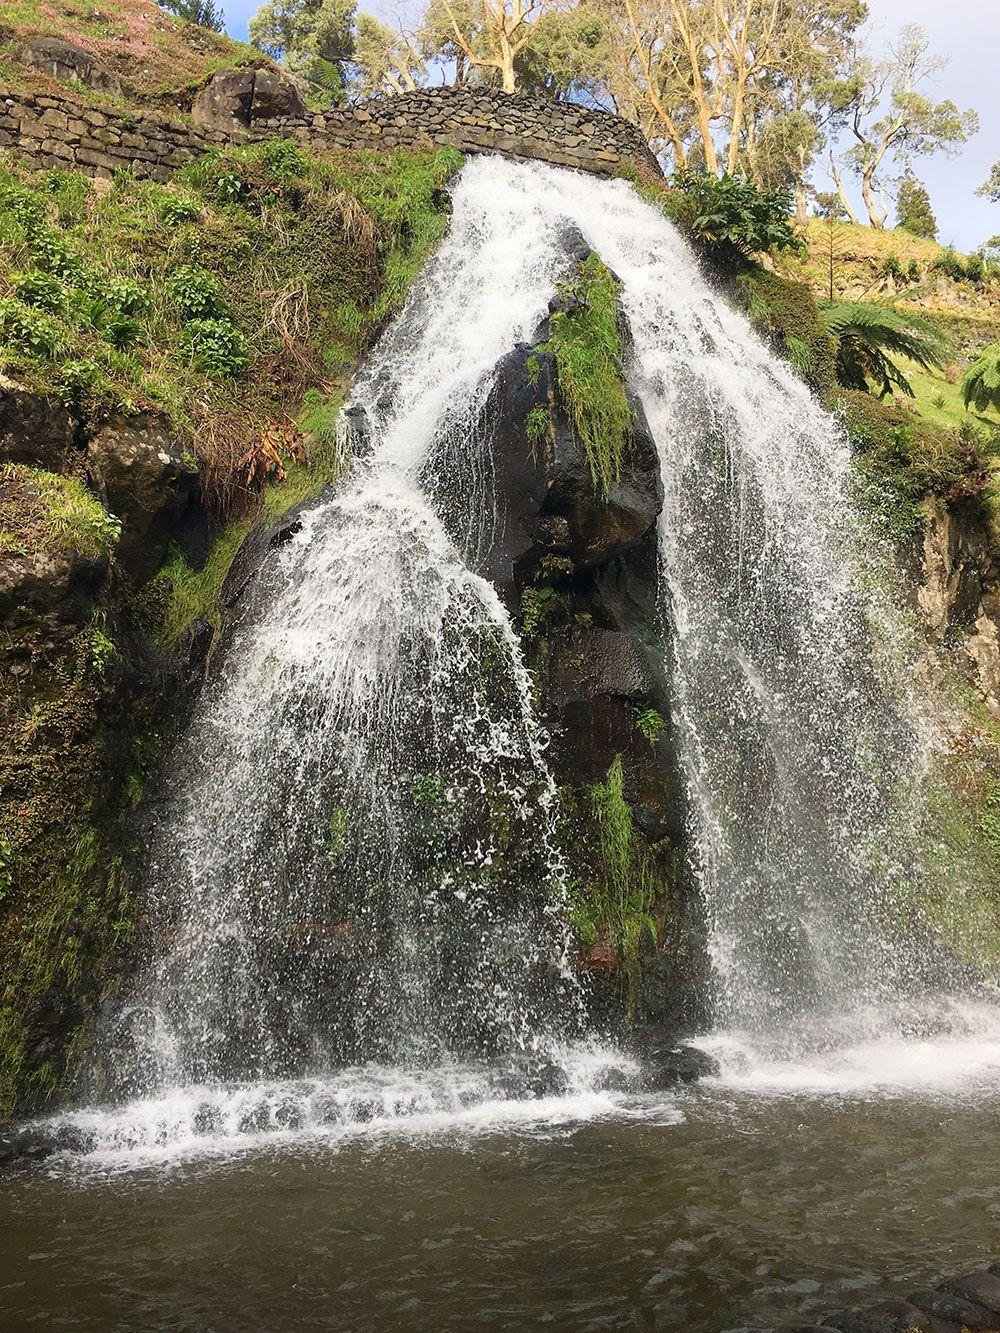 Parque Nacional Ribeira dos Caldeirões - São Miguel - Azores - Cascada